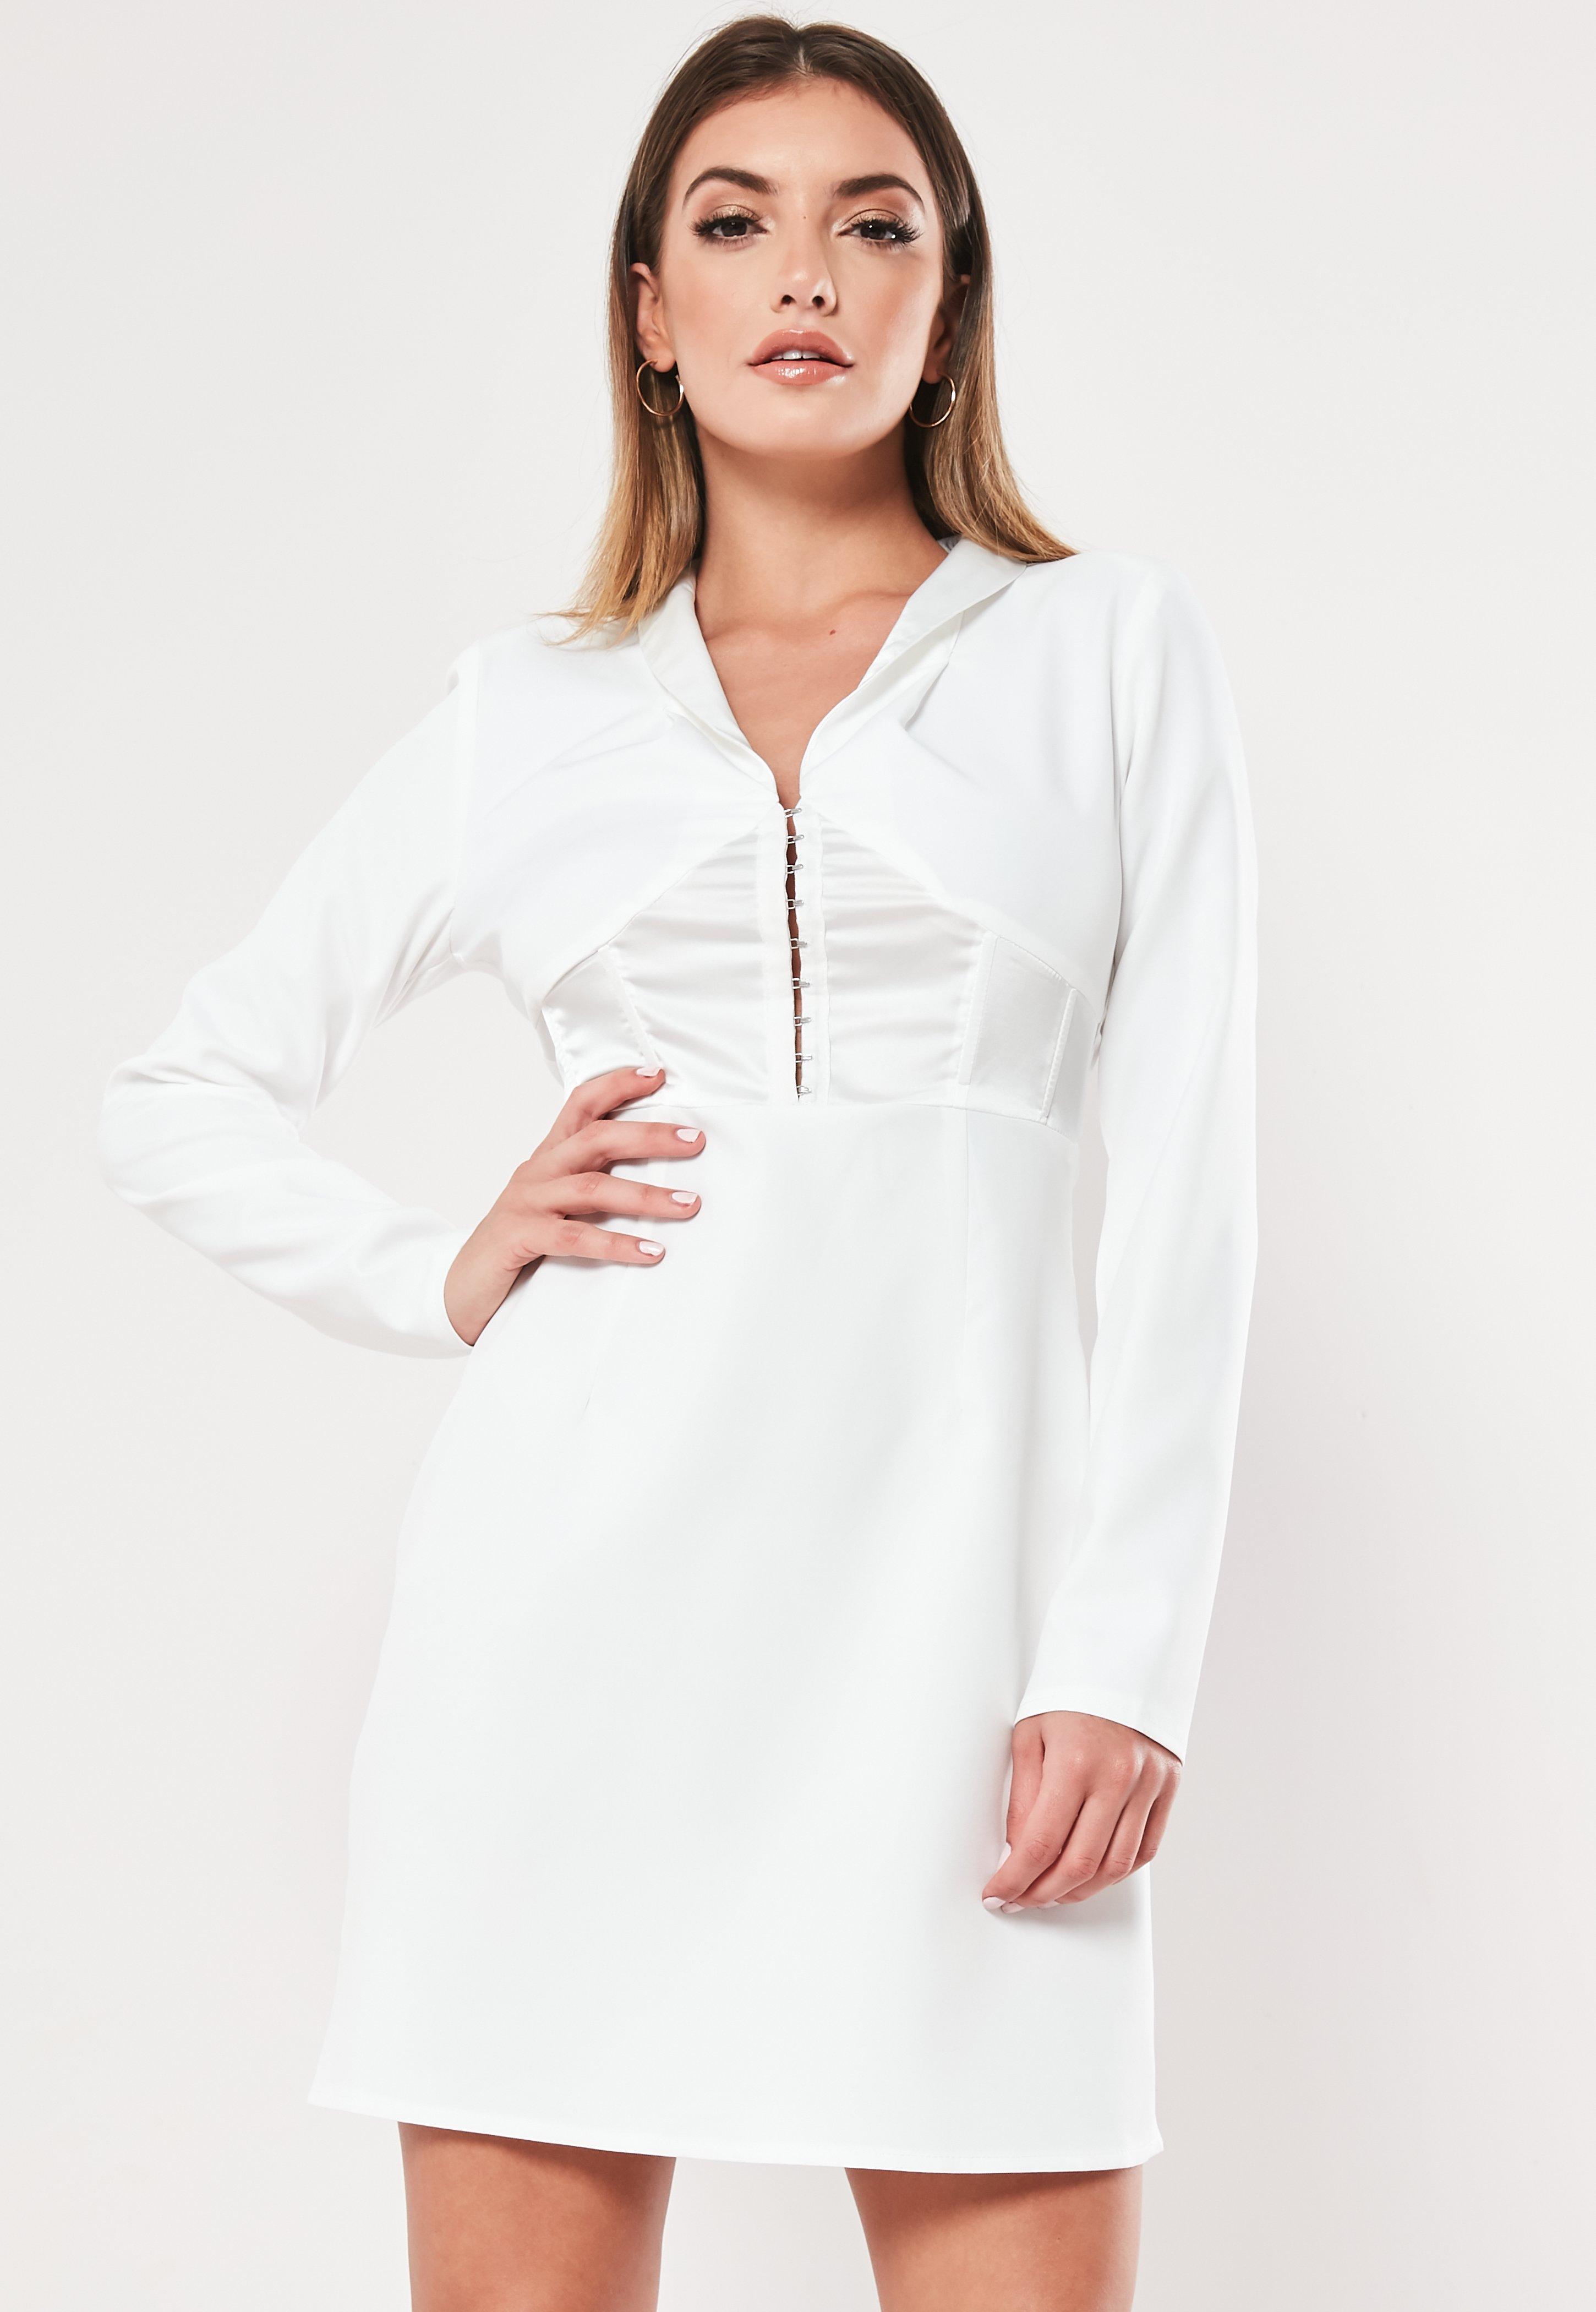 2dda71099d015 White Dresses   Women's White Dresses Online - Missguided